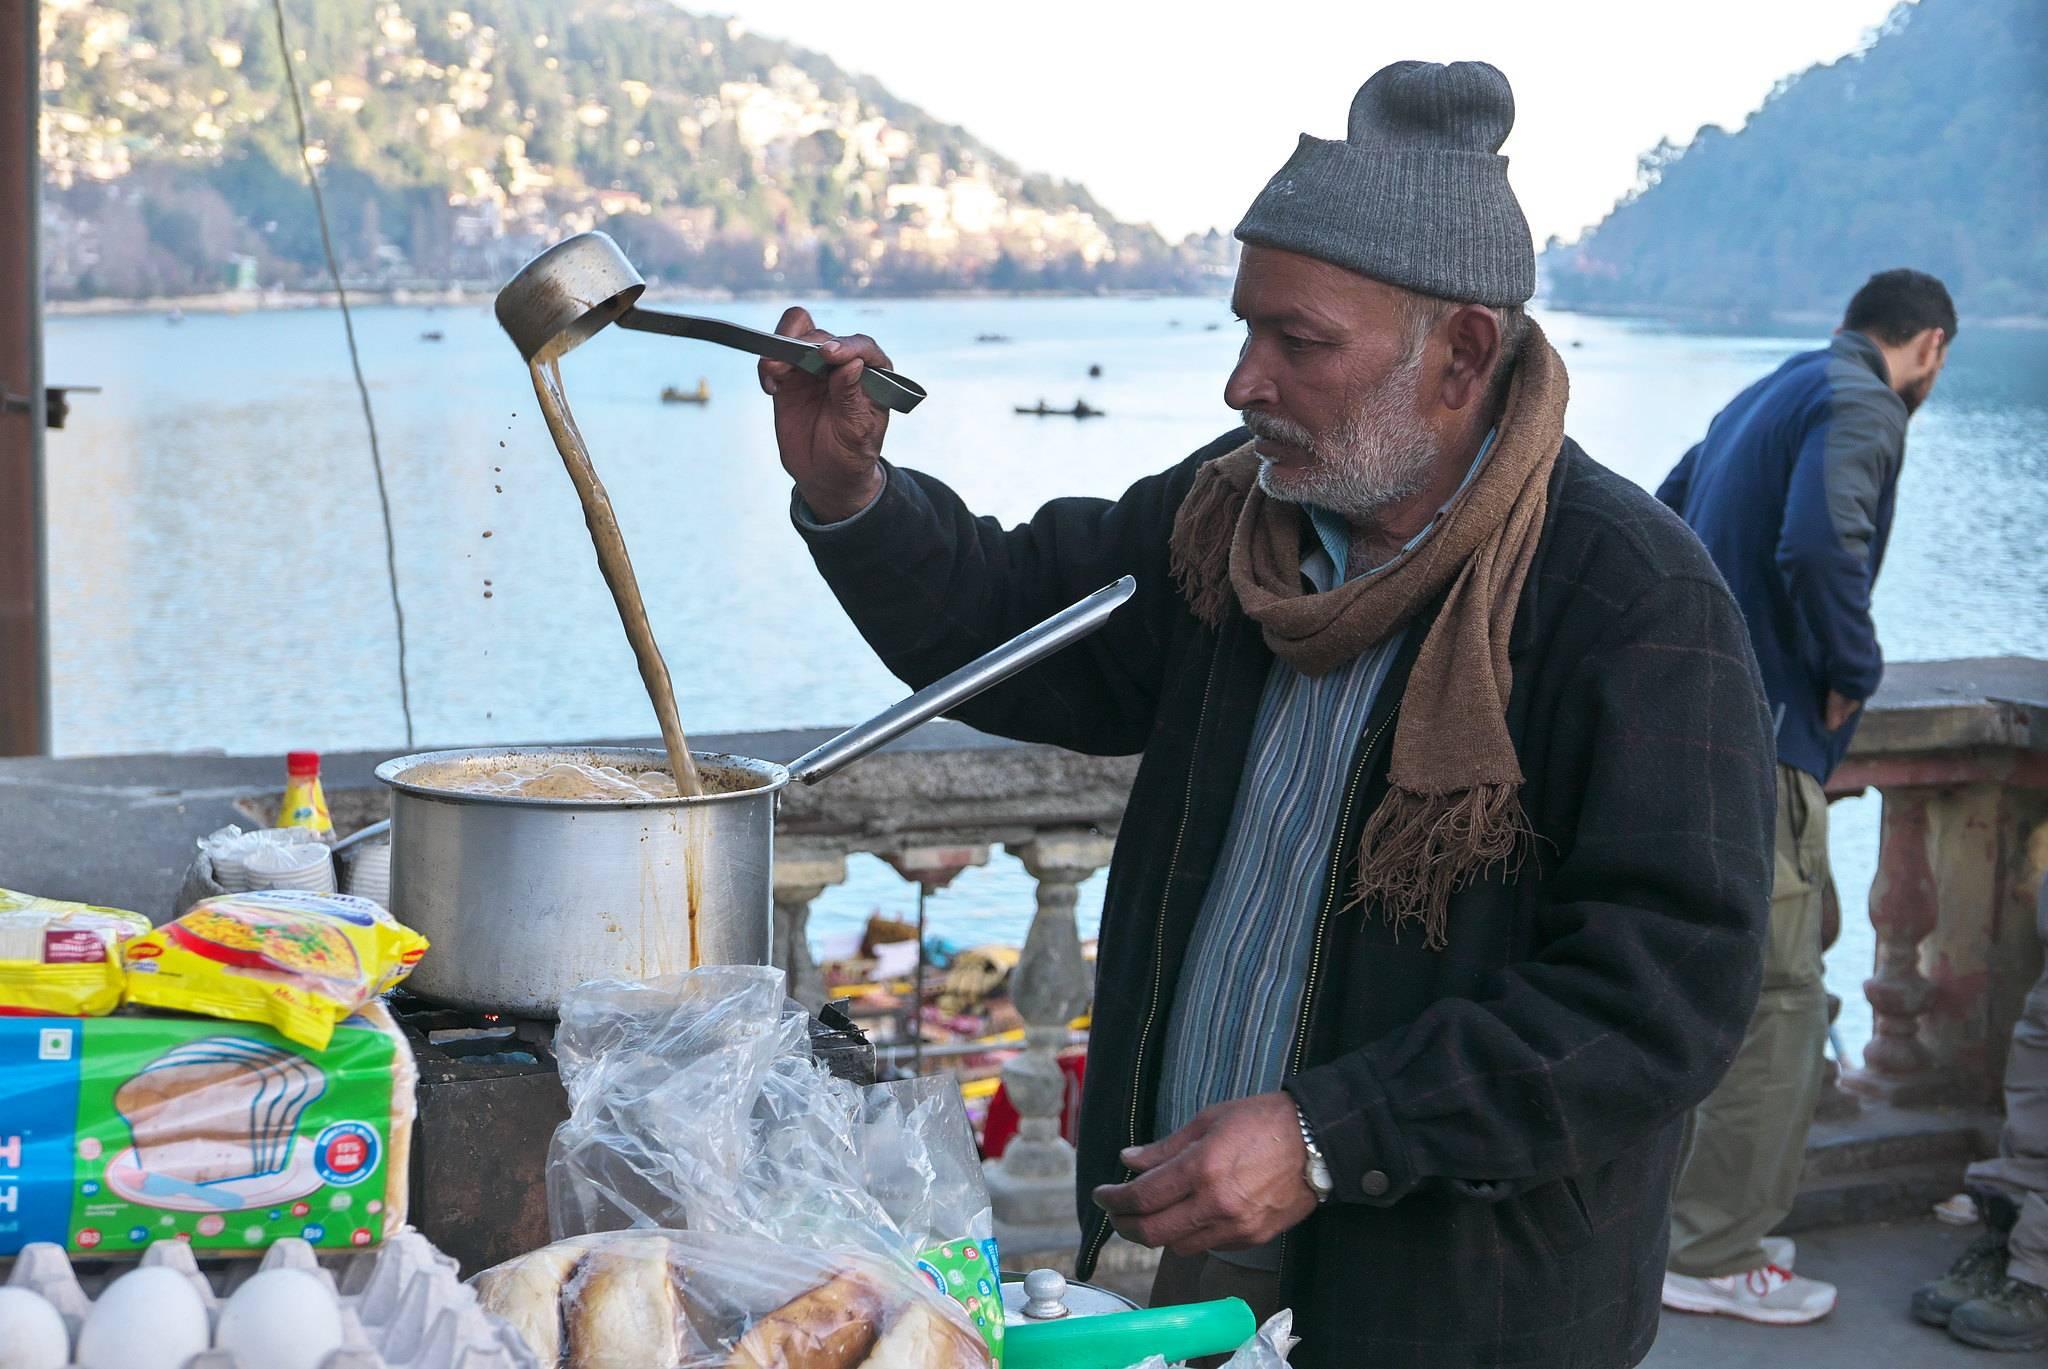 原印度马沙拉:没有它我不习惯做饭,街边小贩靠它把零食变成好吃的